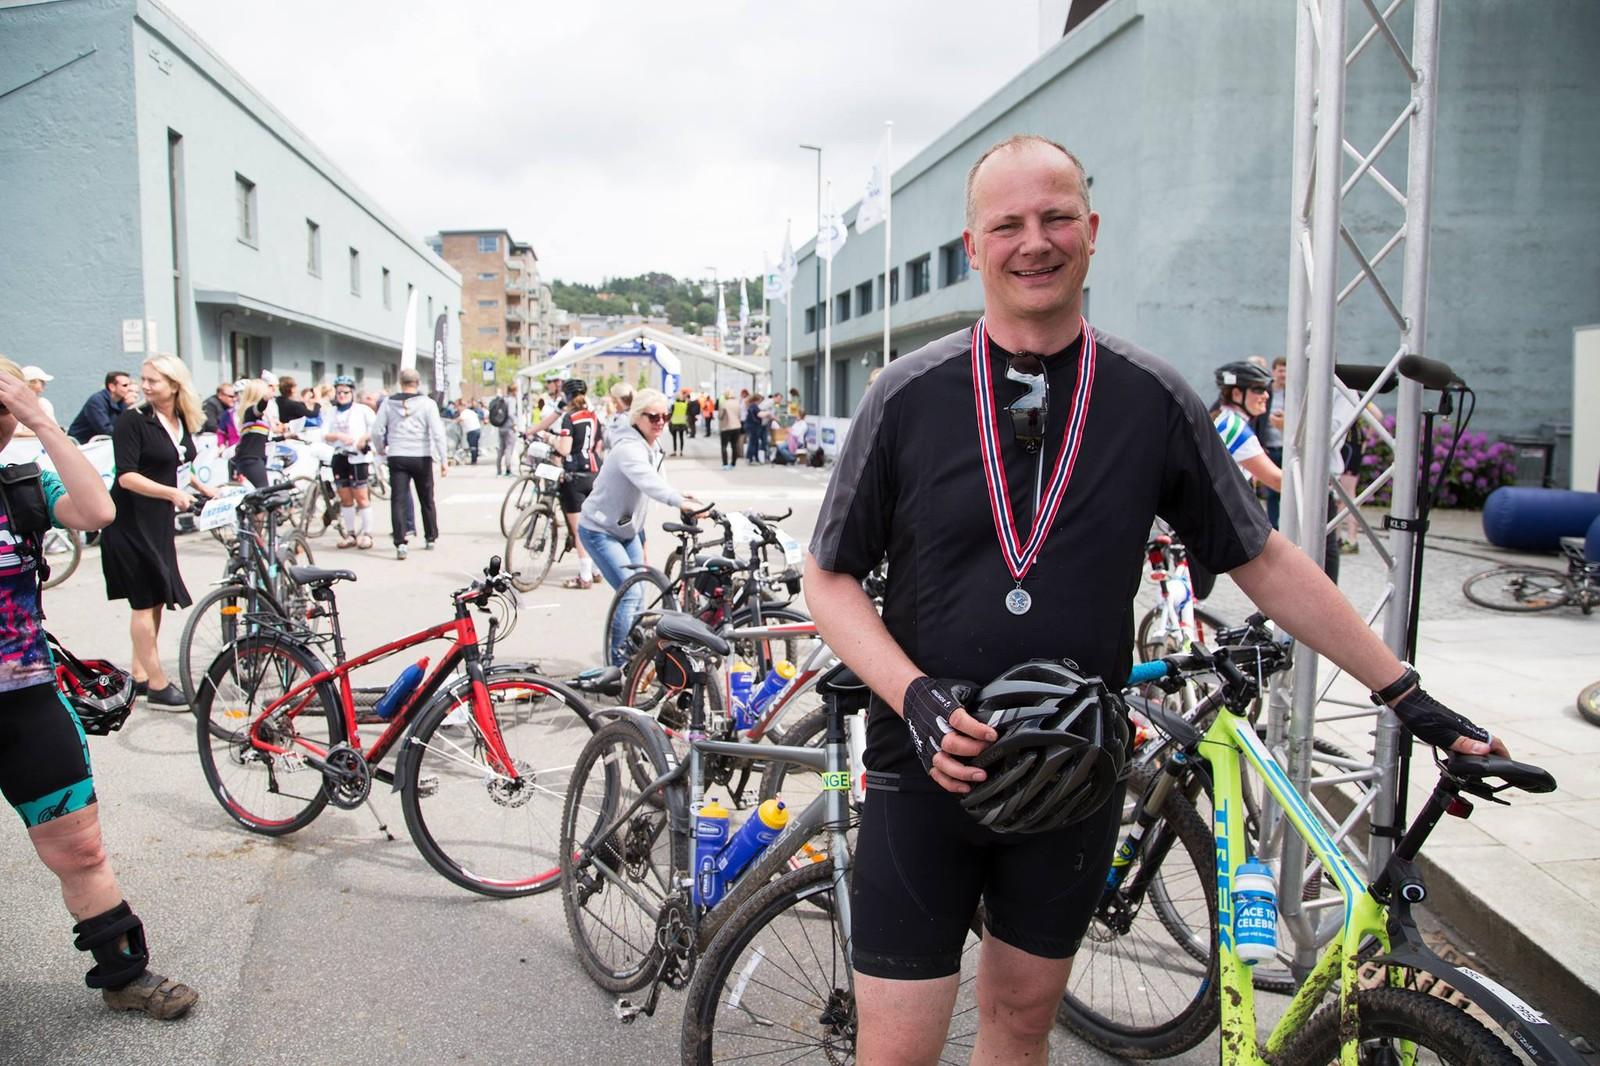 Samferdselsminister Ketil Solvik Olsen (Frp) etter målgang i Nordsjørittet.